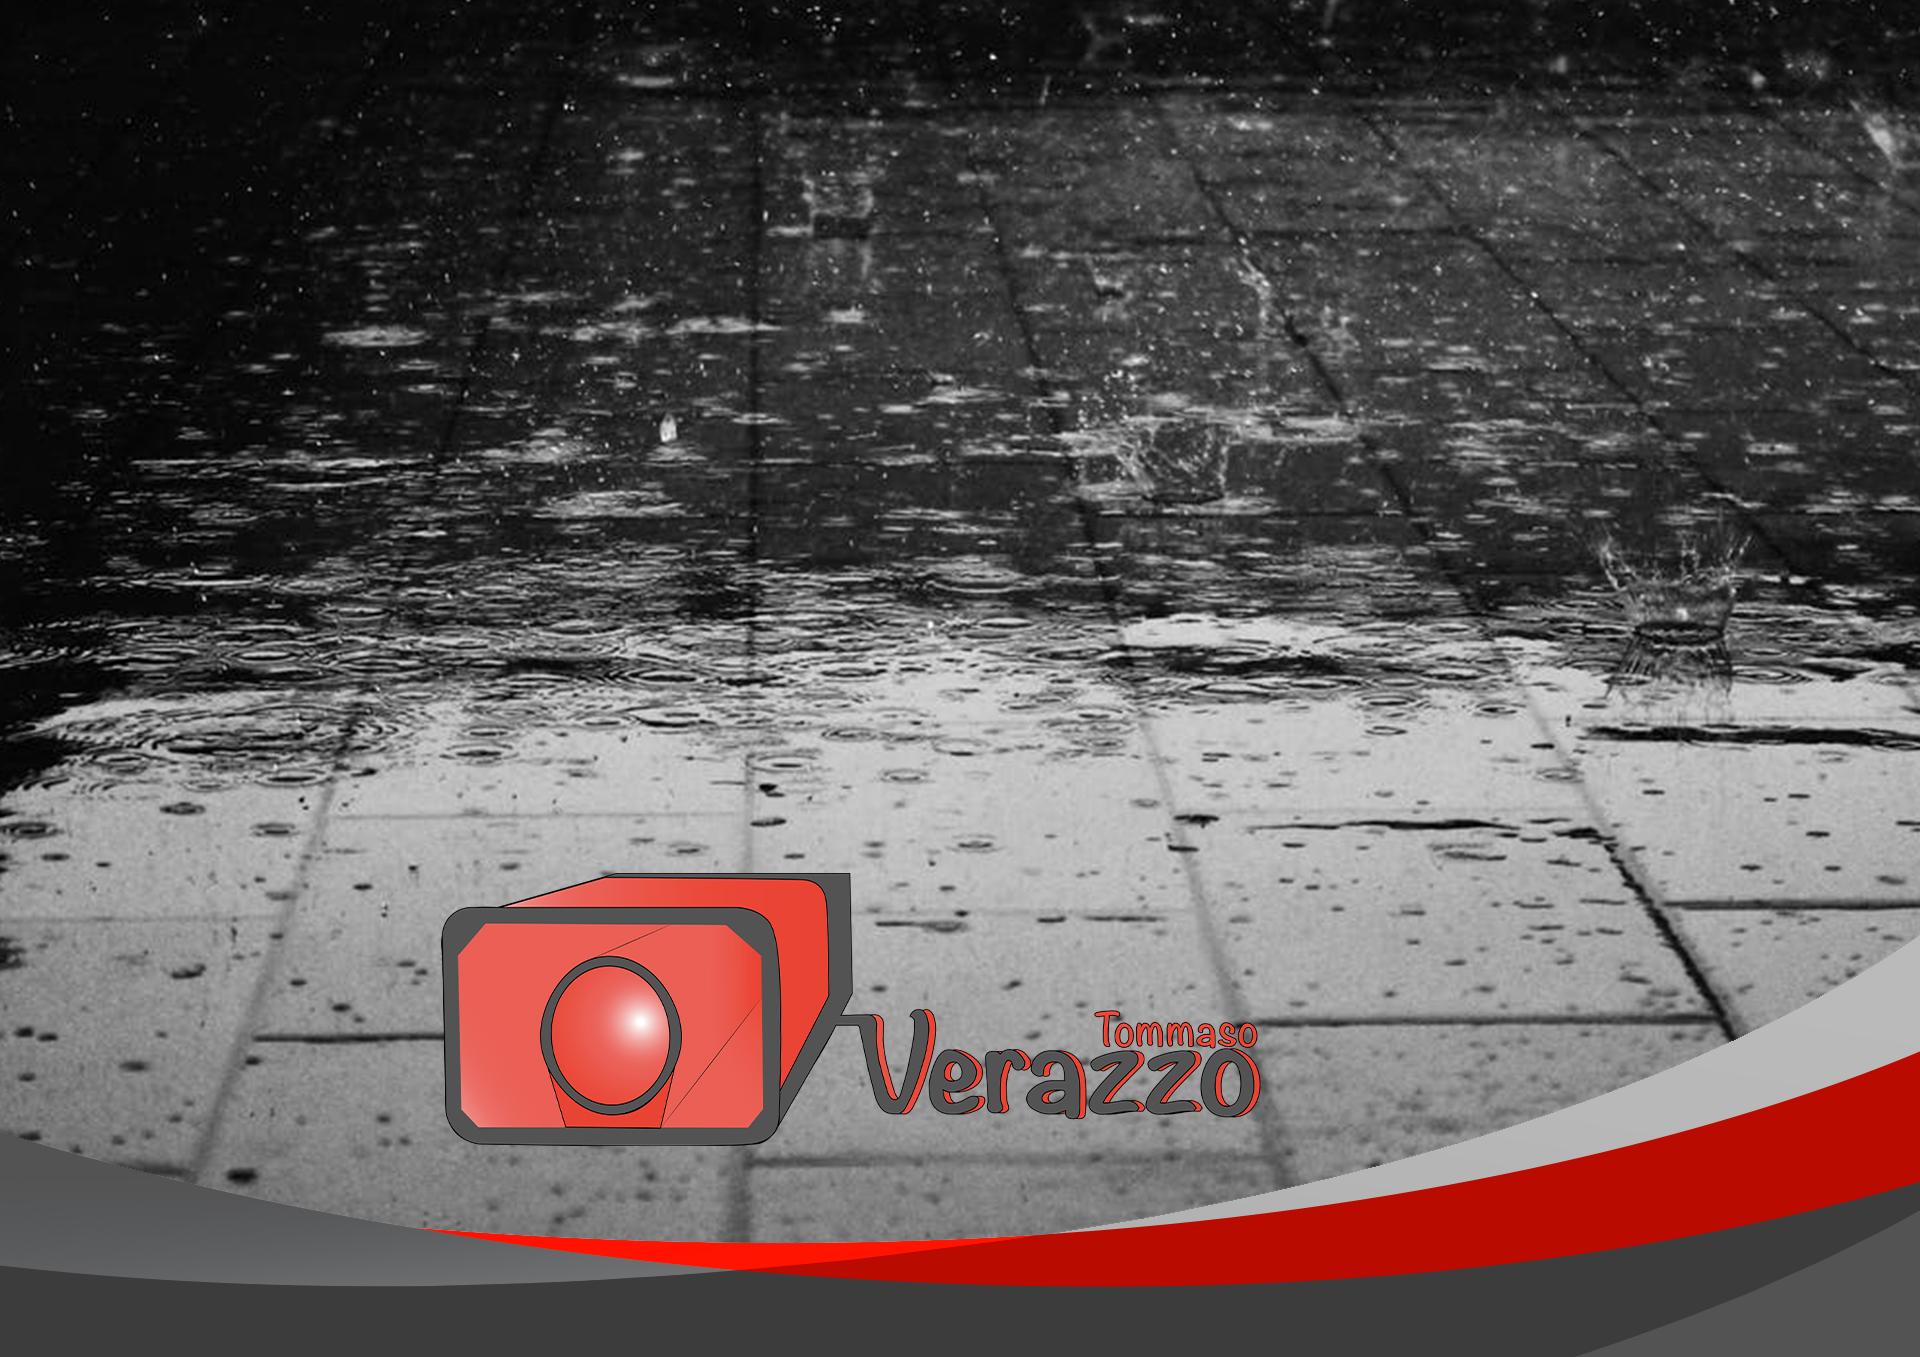 Elimina Il Problema Delle Acque Piovane In Poco Tempo